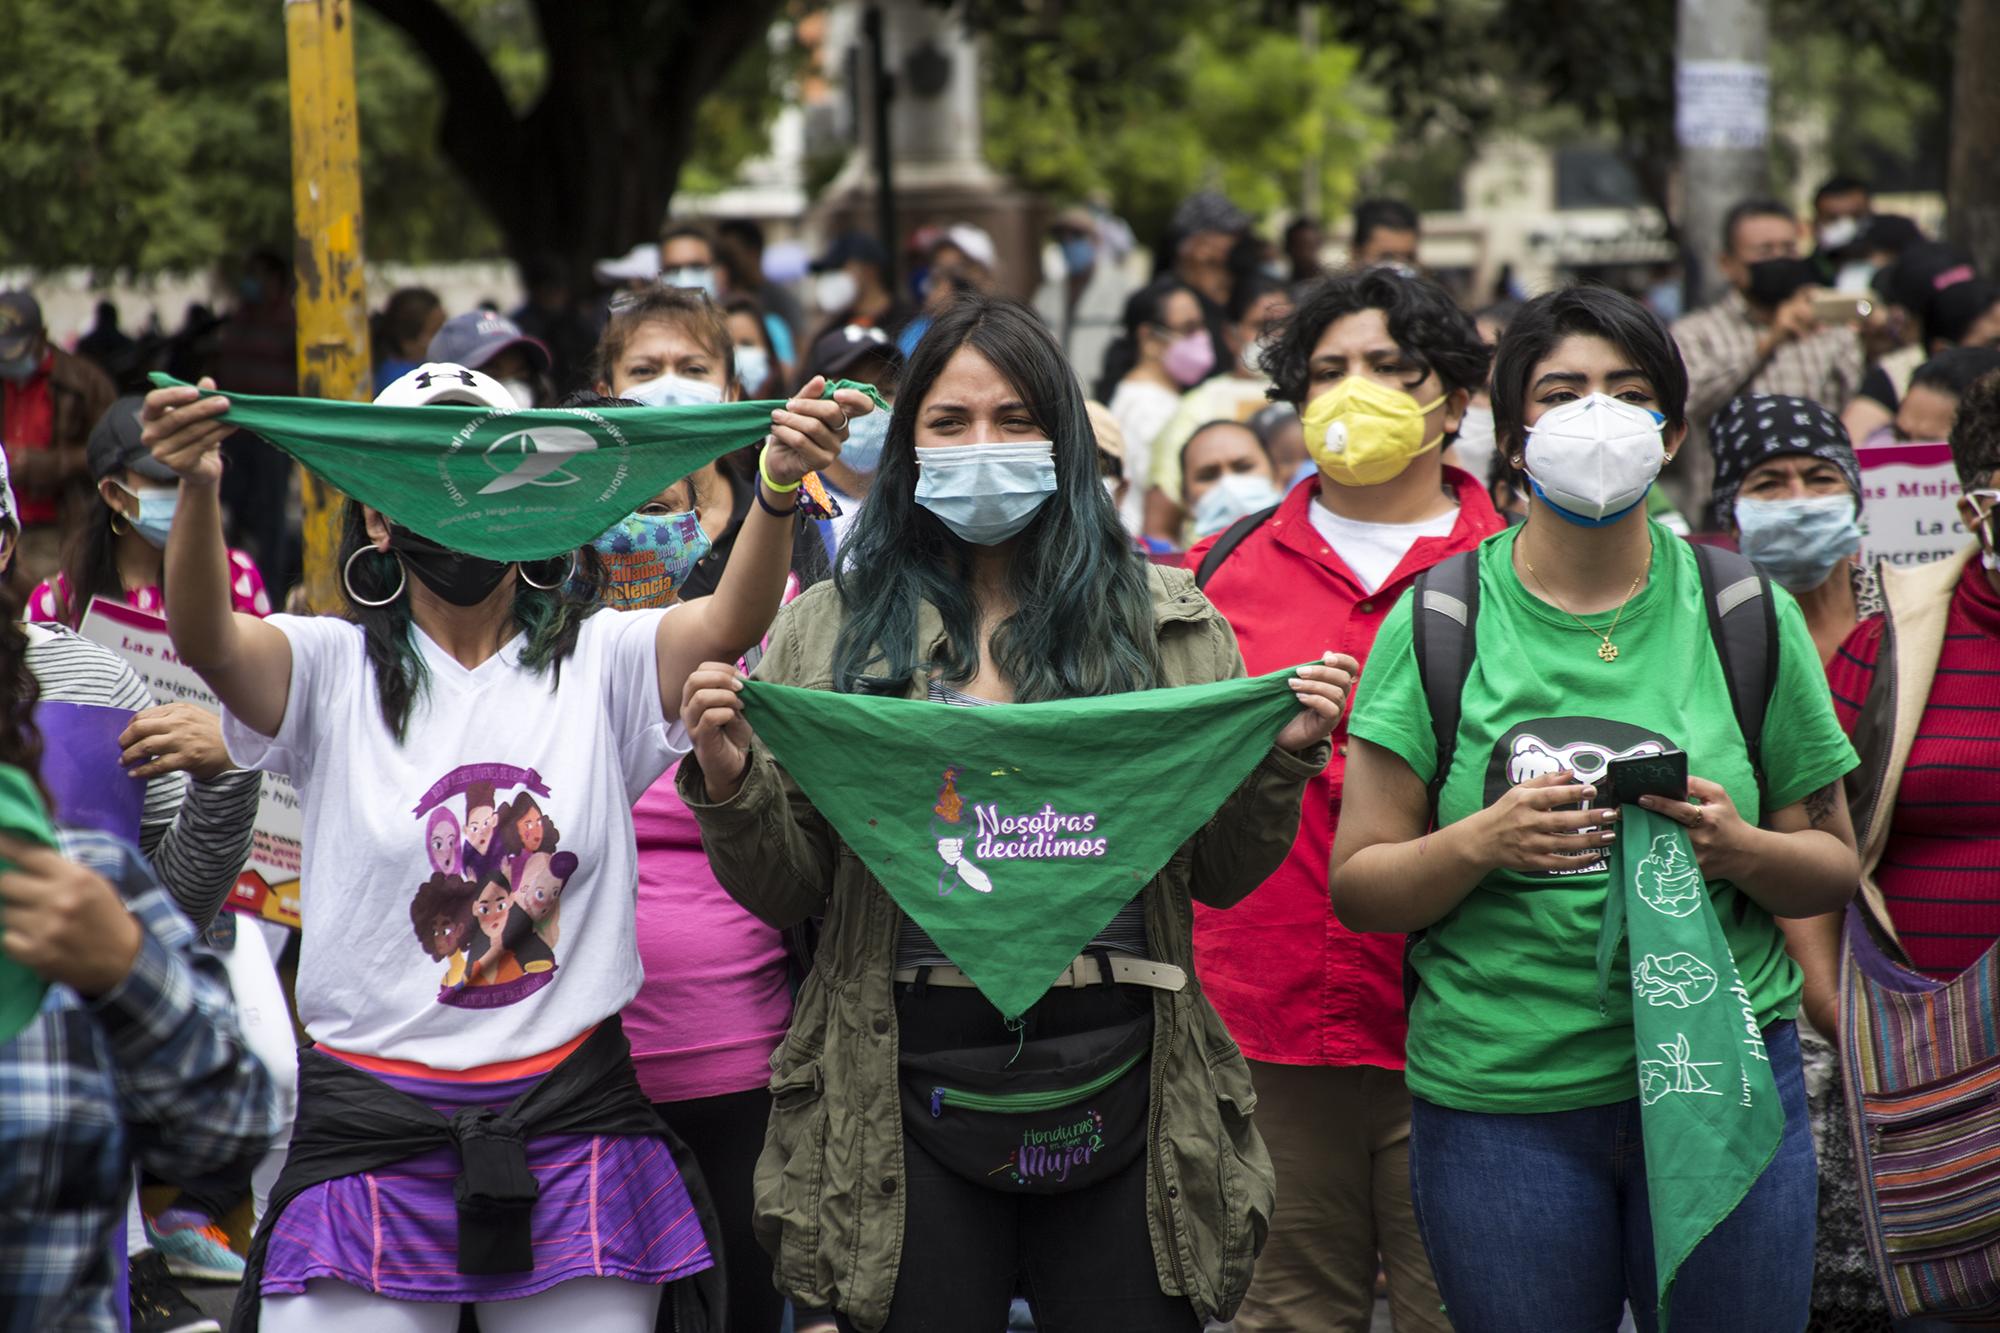 Feministas e integrantes de la diversidad sostienen pañuelos verdes en alto durante el plantón realizado frente al cordón policial que le impidió el paso a la movilización hasta el Congreso. Tegucigalpa,  25 de enero de 2021. Foto: Ezequiel Sánchez / Contracorriente.